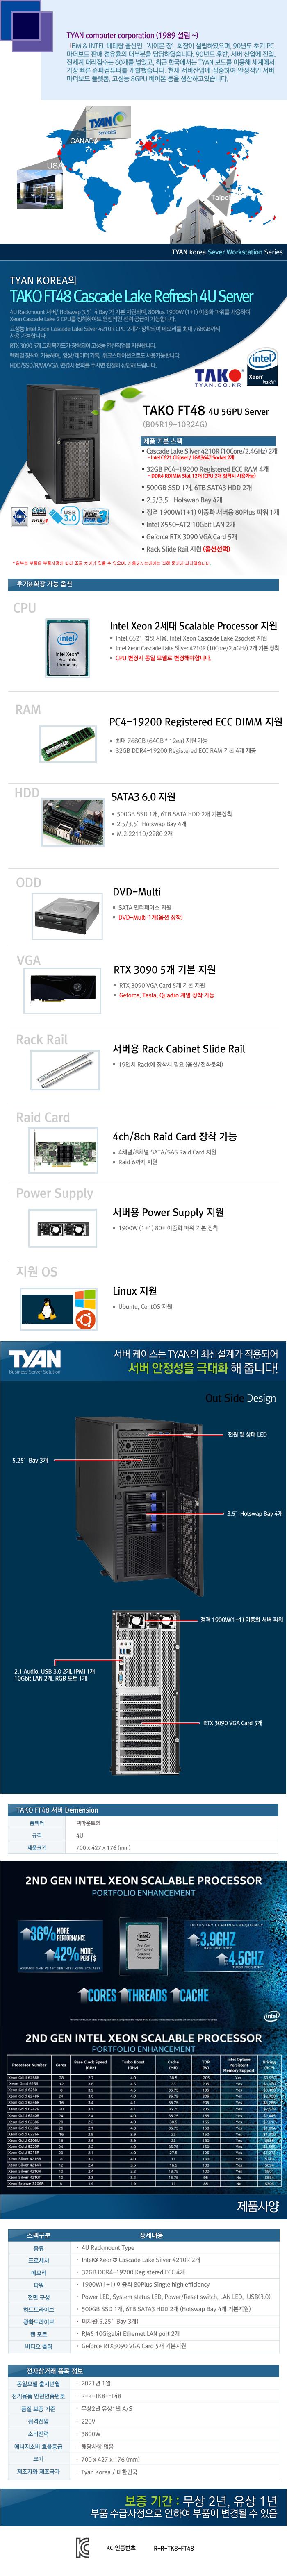 TYAN TAKO-FT48-(B05R19-10R24G)-RTX3090 5GPU (128GB, SSD 500GB + 12TB)